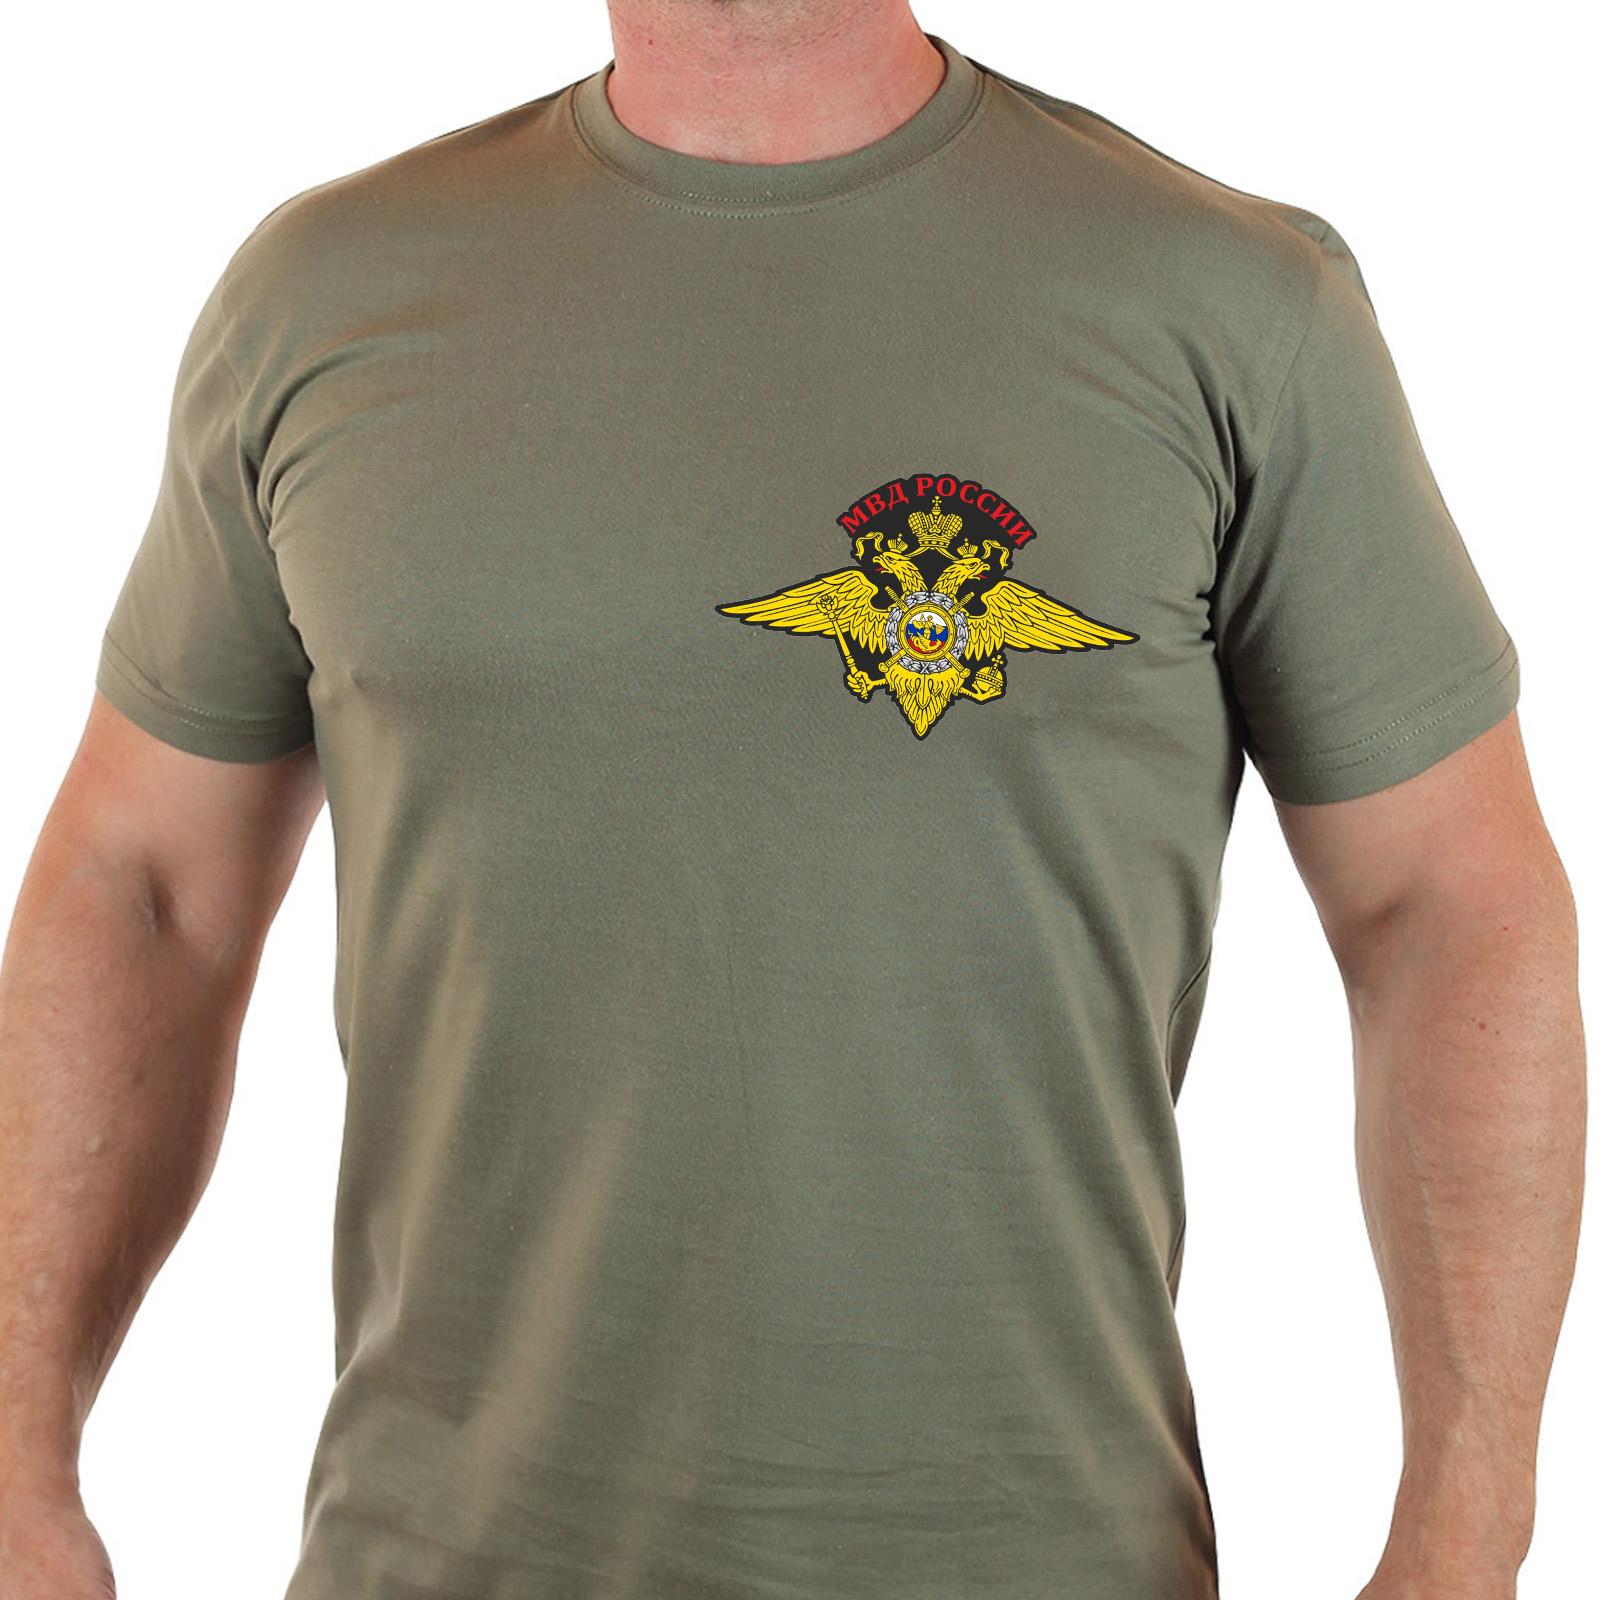 Мужская футболка с вышитым гербом МВД России